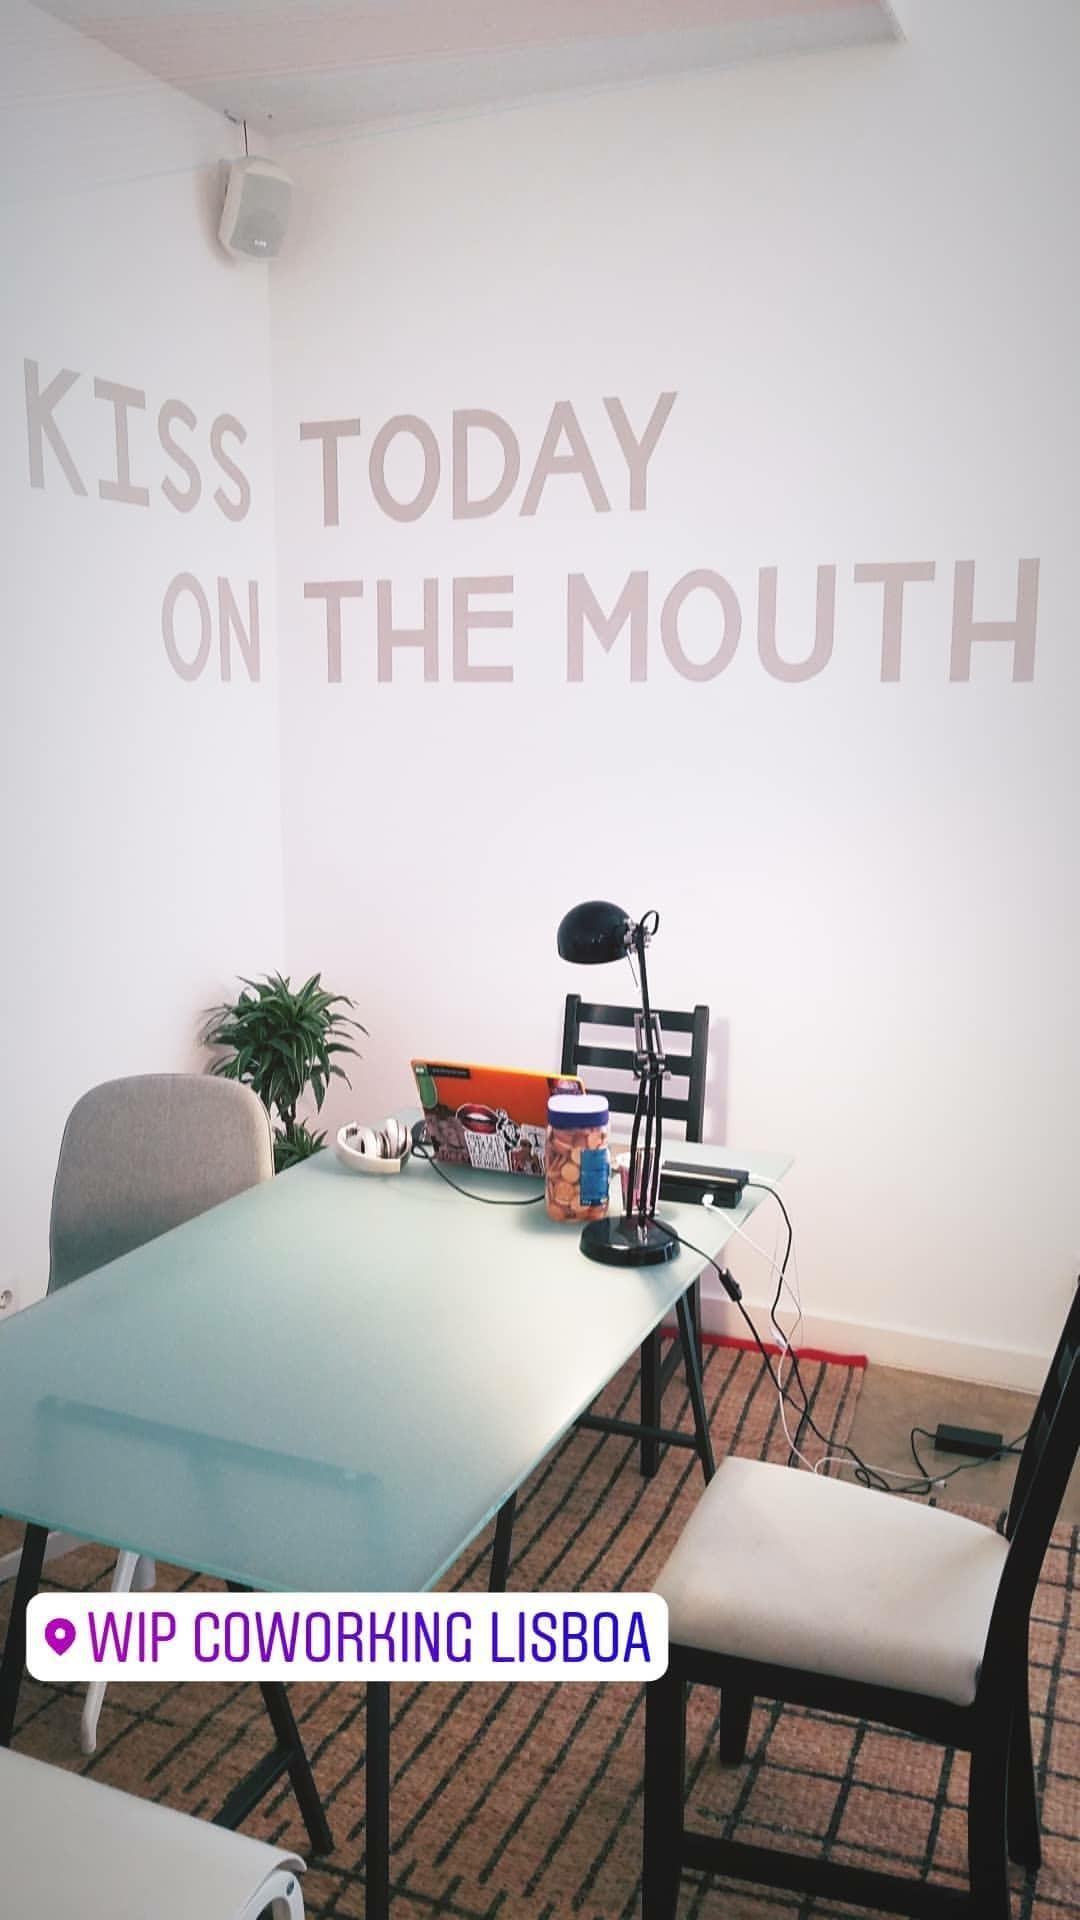 wip lisboa portugal lisbon coworking workspace freelancer digital nomad